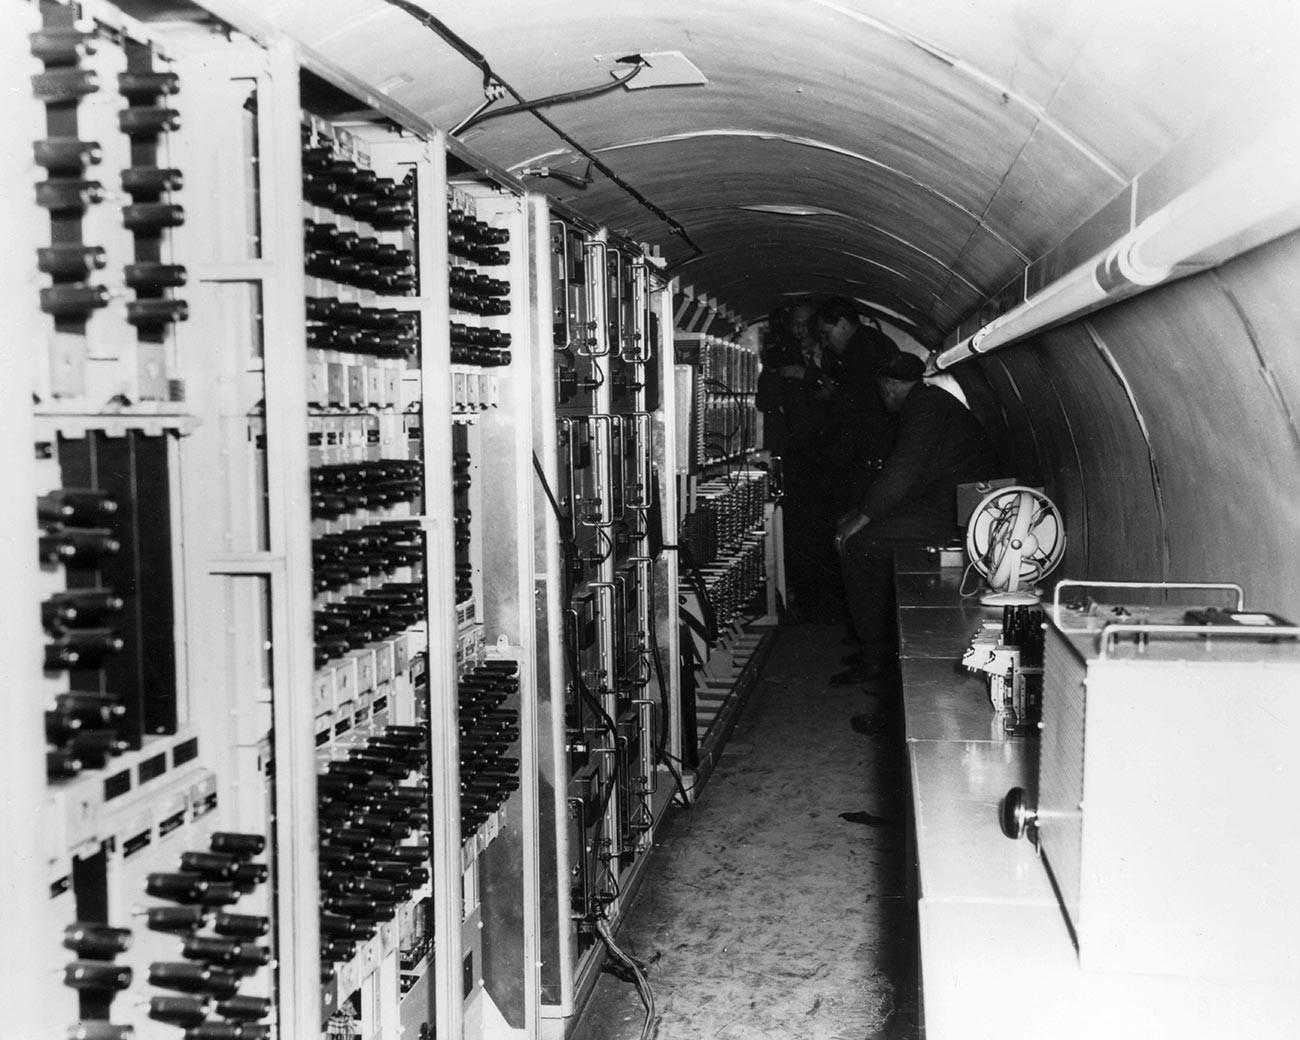 Le tunnel de Berlin, créé par les services spéciaux des États-Unis et du Royaume-Uni